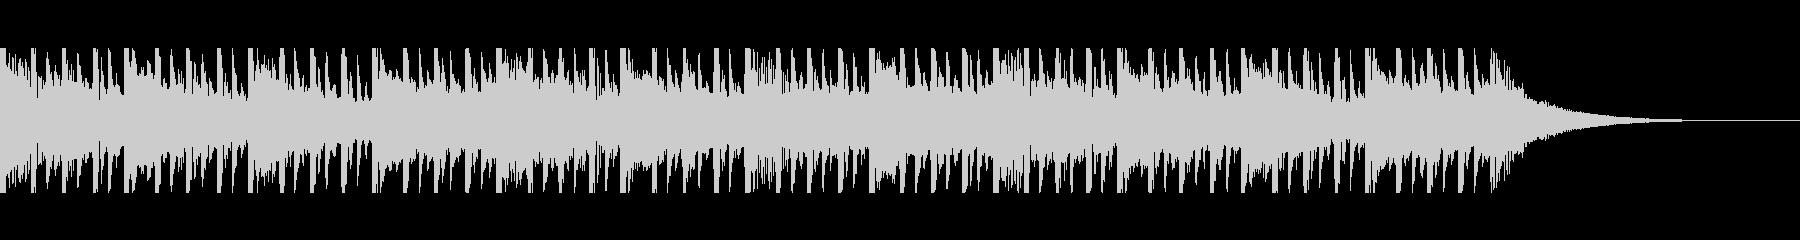 医療(30秒)の未再生の波形